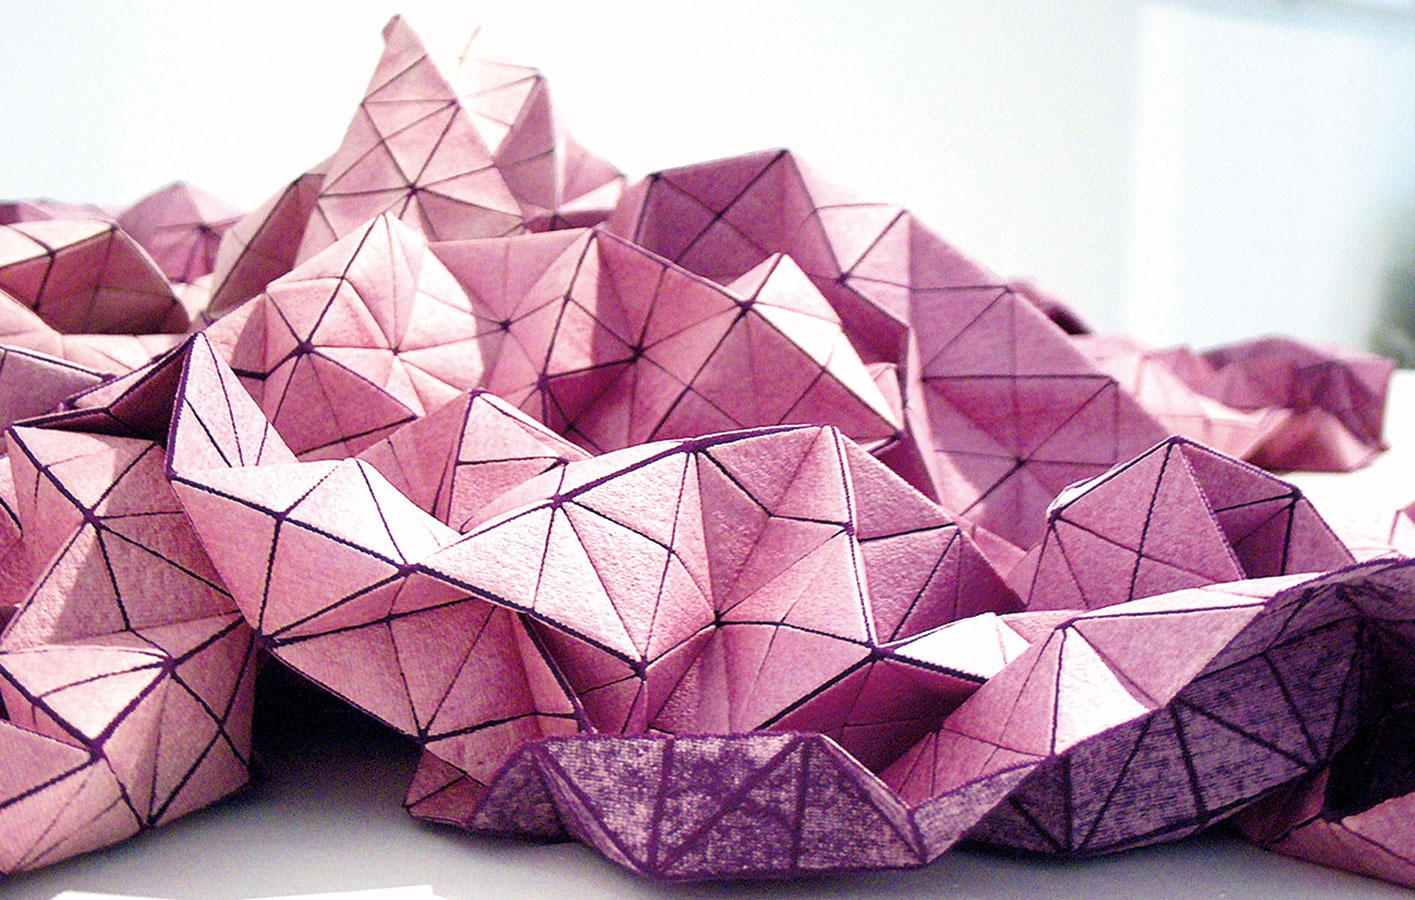 Z plochy priestor.  Princíp polámaných plôch a hra so svetelnými odrazmi dominujú textíliám z kolekcie Folding-a-part značky Mikabarr. Vhodné sú prakticky na čokoľvek, aj obyčajný vankúš vďaka nim bude pôsobiť ako skulptúra.